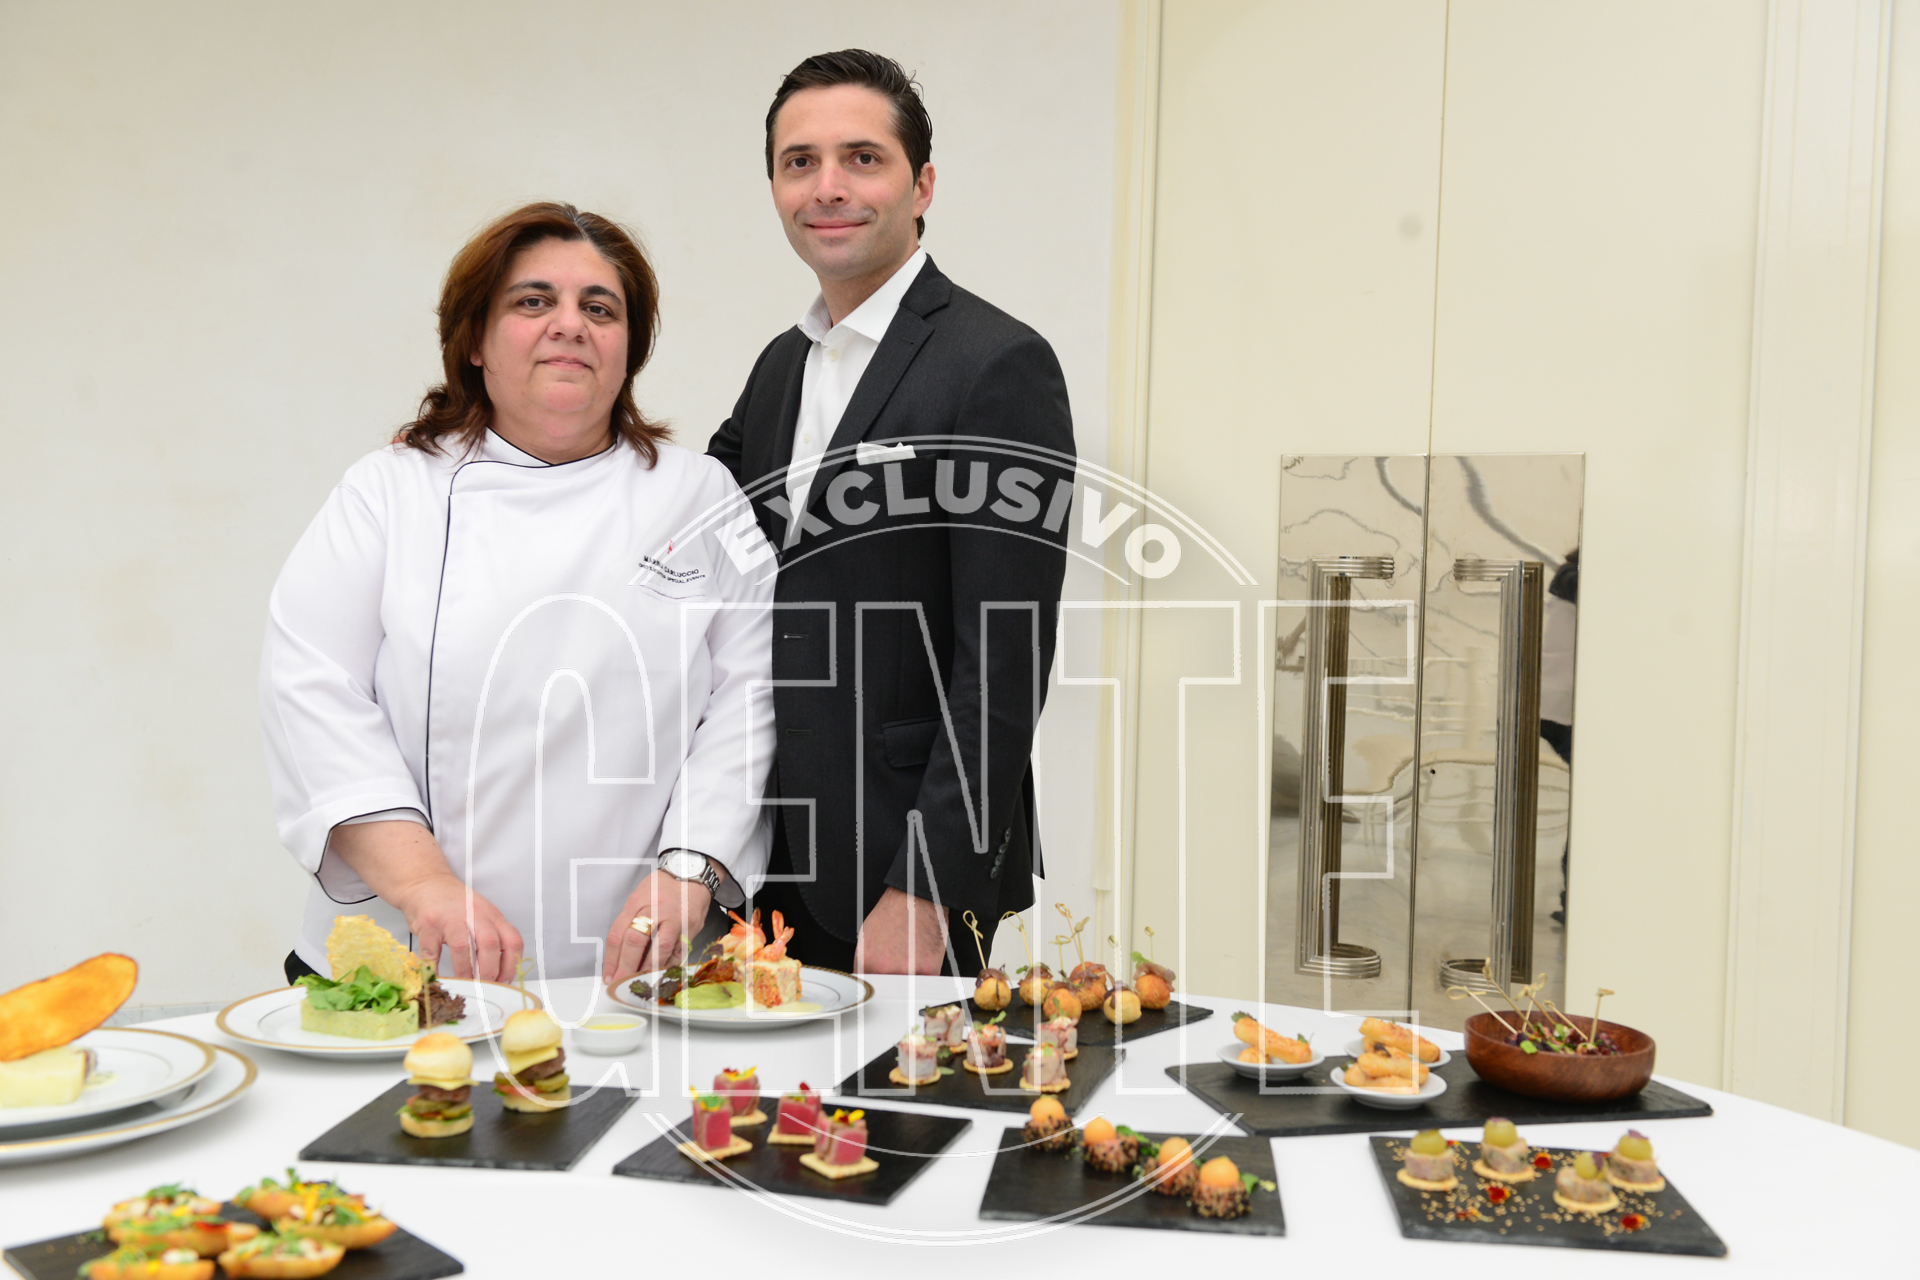 La chef ejecutiva del Faena Art Center, Marina Carluccio y el director de Faena Catering y Faena Art Center, Francisco Prieto Cané, con parte del menú. De lo dulce se encargó Agustina Millán, chef de pastelería.